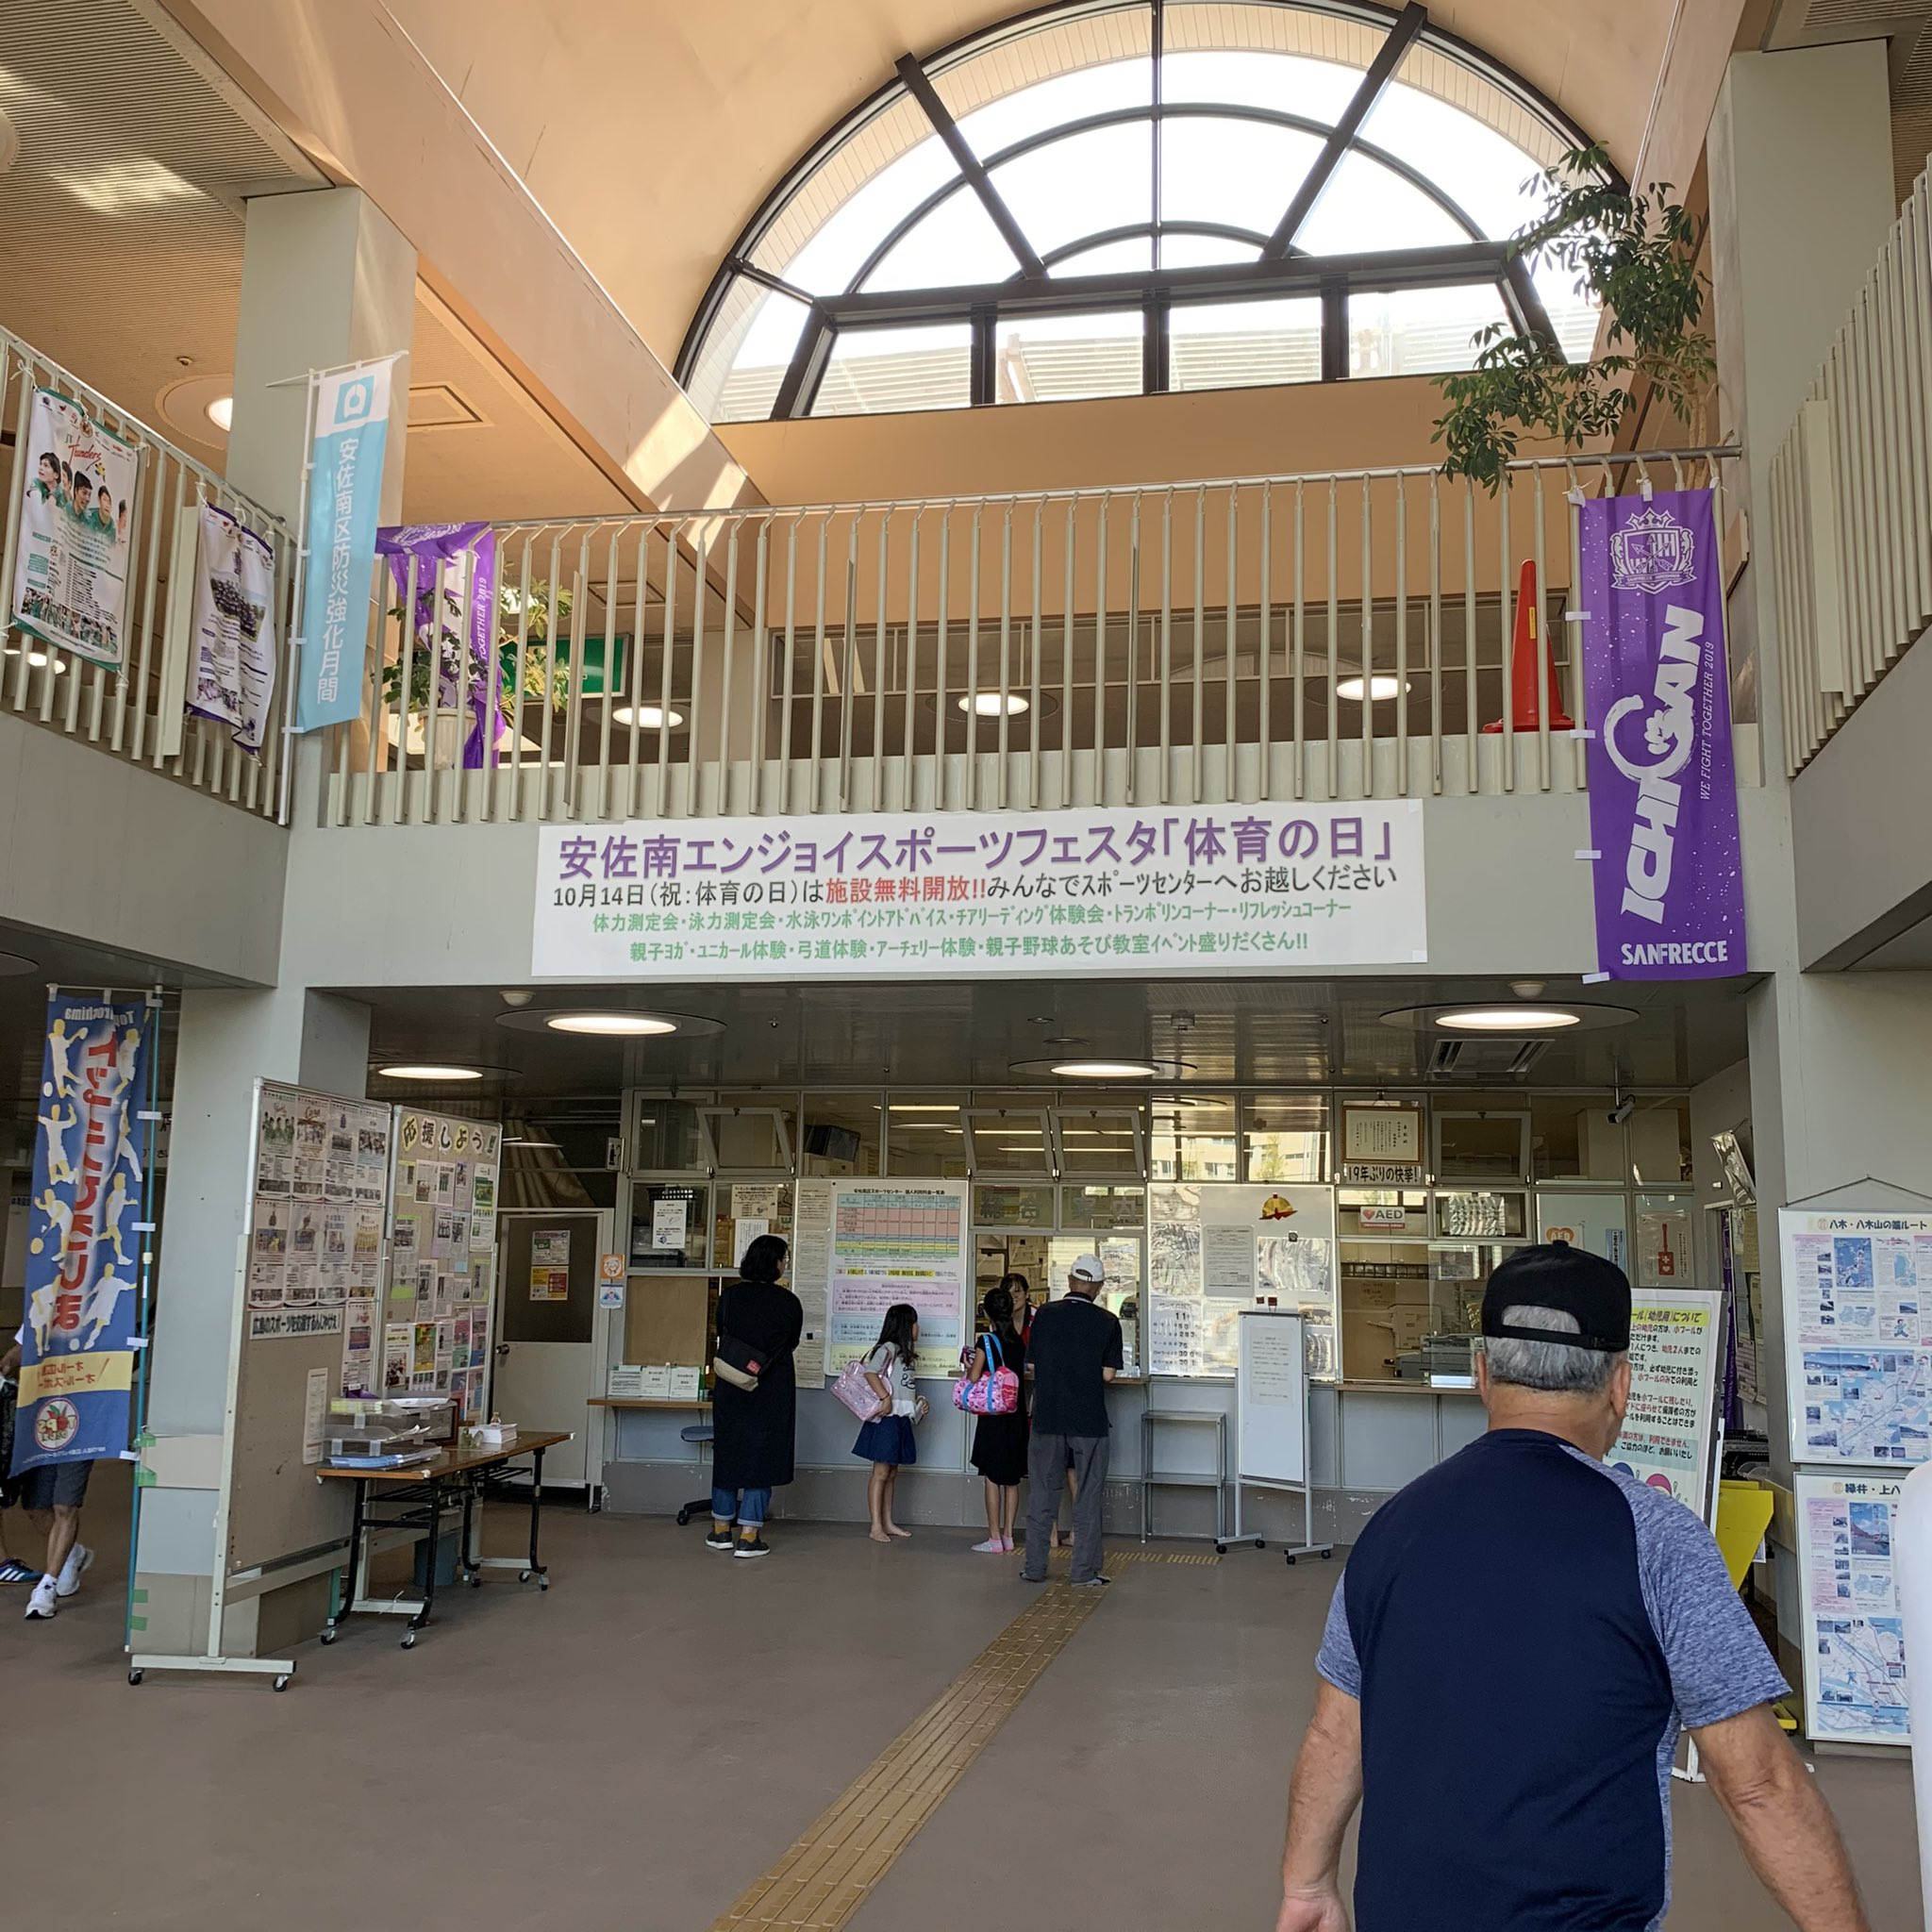 センター 安佐 南 区 スポーツ 総合スポーツセンター|足立区